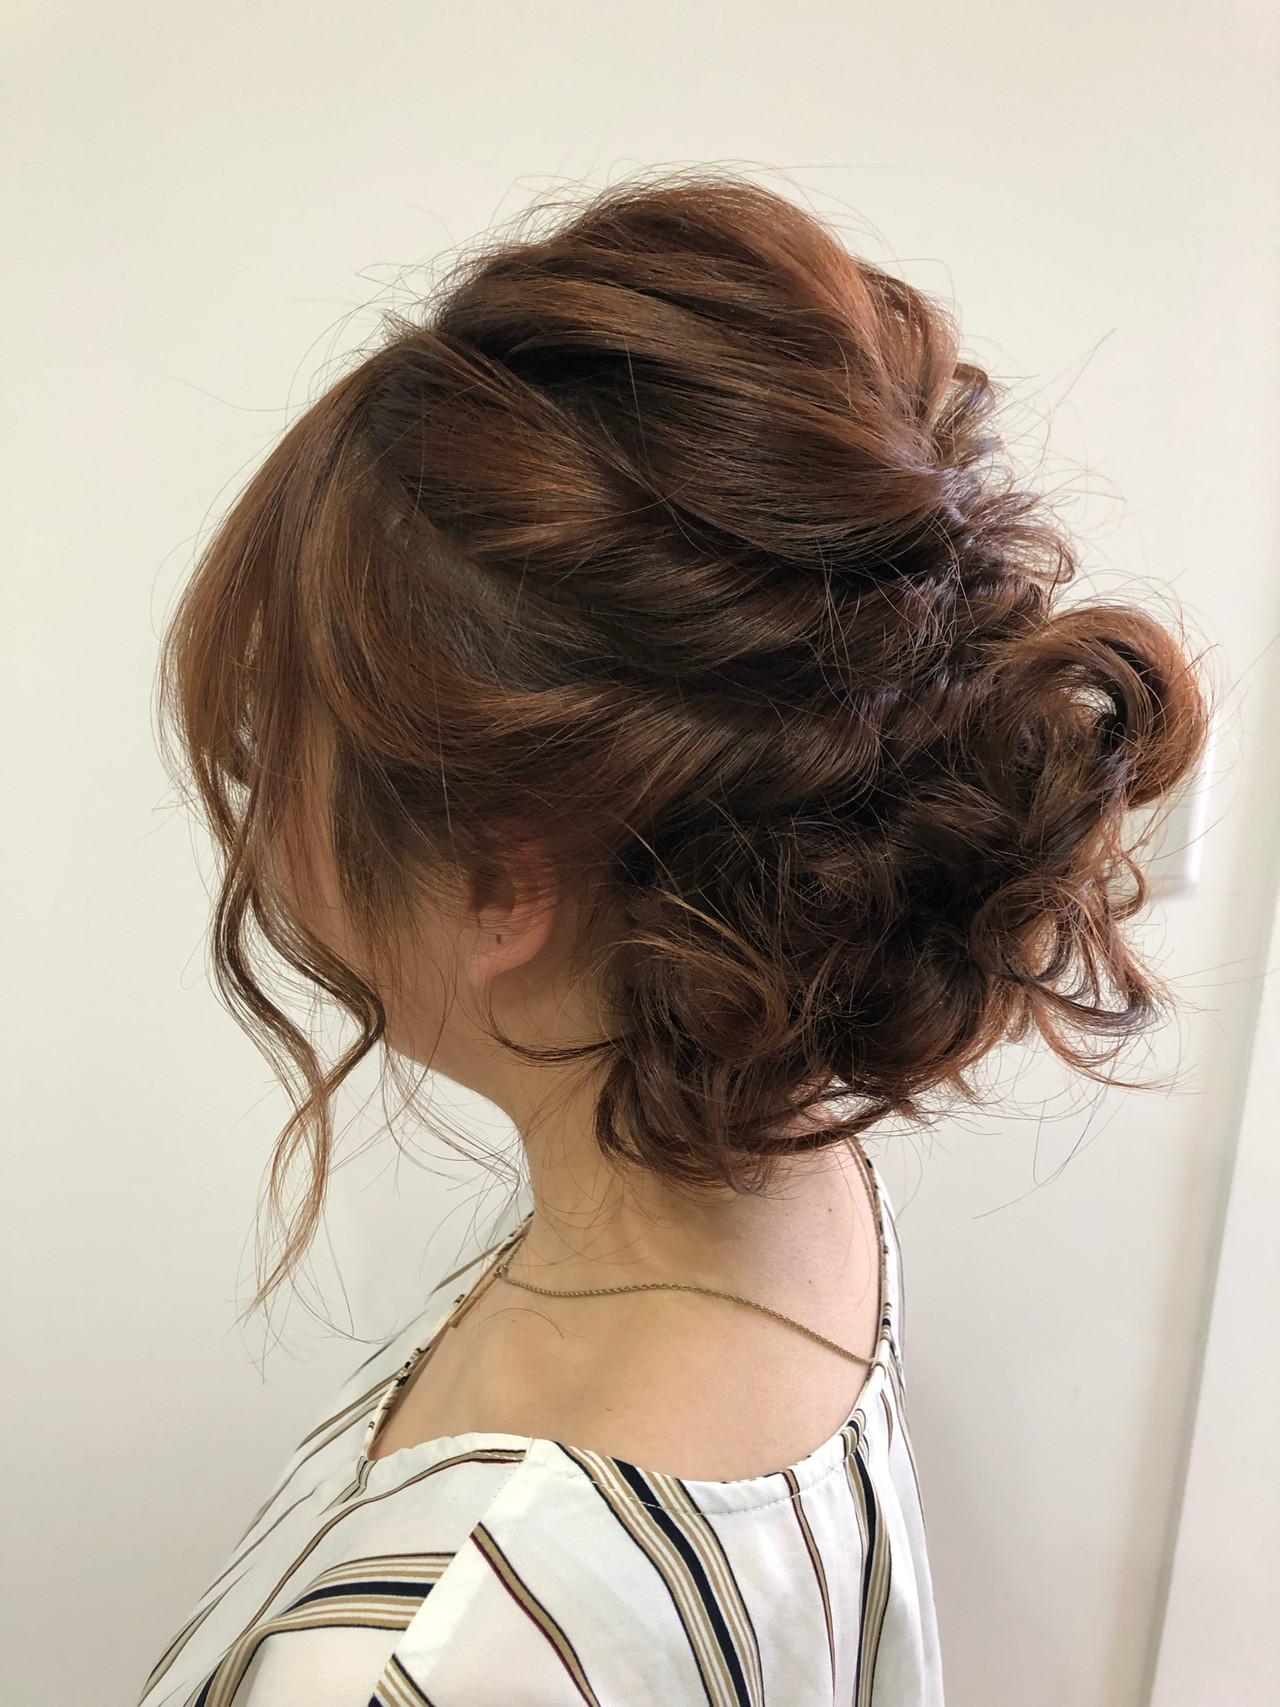 ナチュラル ヘアアレンジ ボブ デート ヘアスタイルや髪型の写真・画像 | 小倉 教志 / ICHARI uomachi